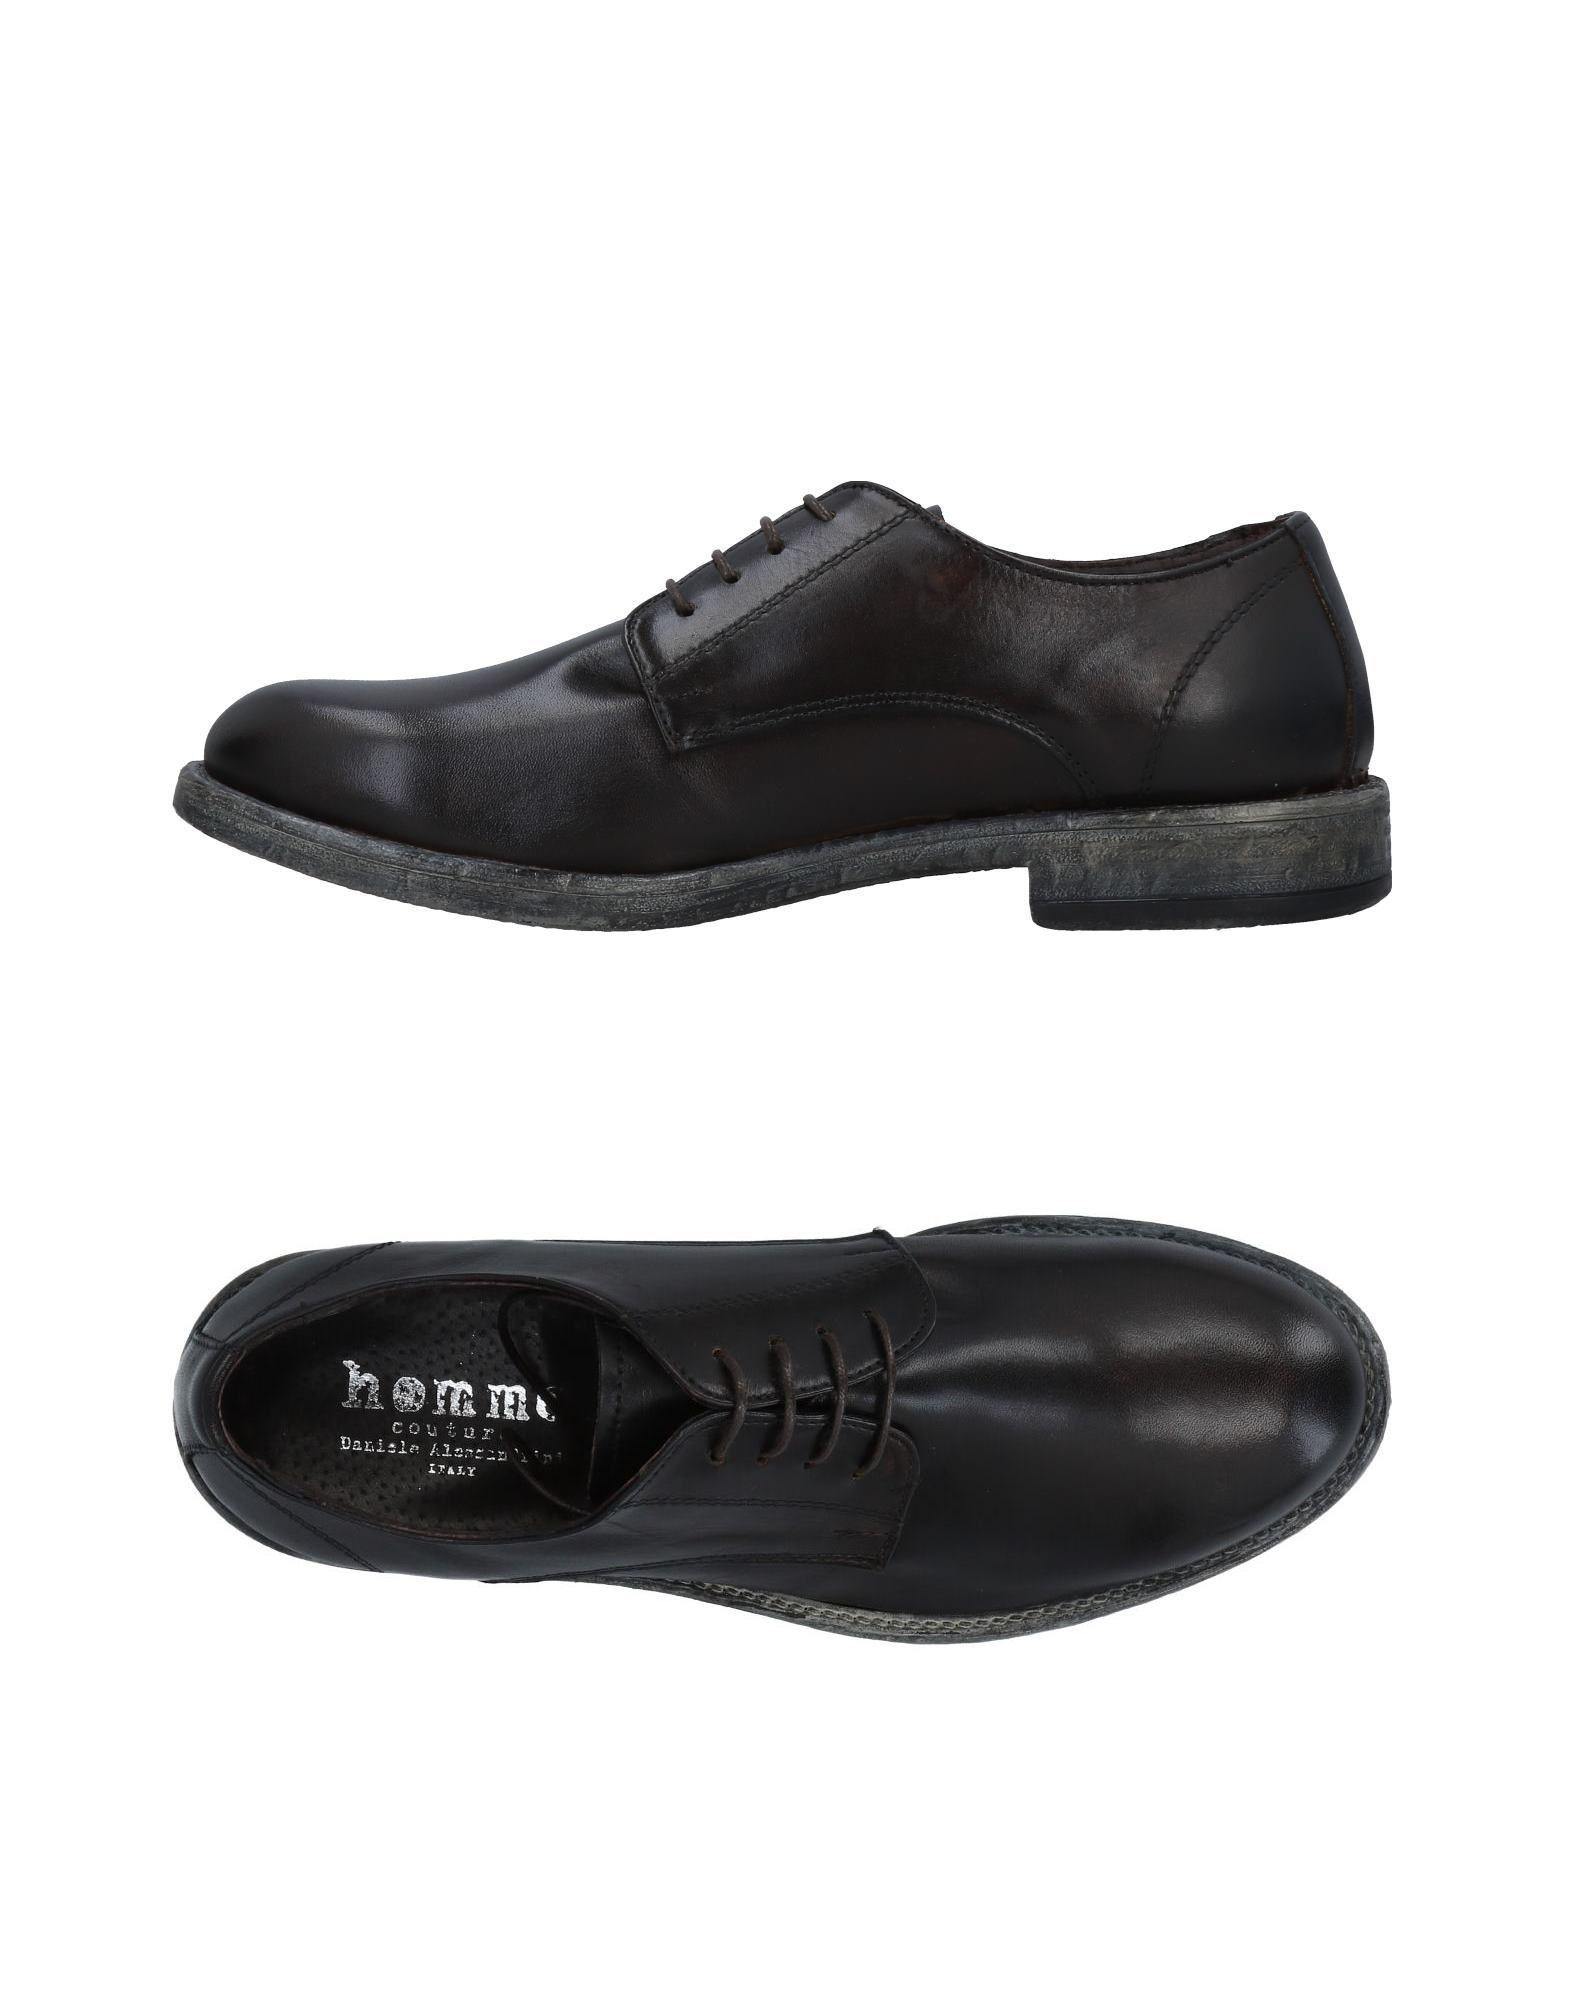 DANIELE ALESSANDRINI HOMME Обувь на шнурках eddy daniele обувь на шнурках